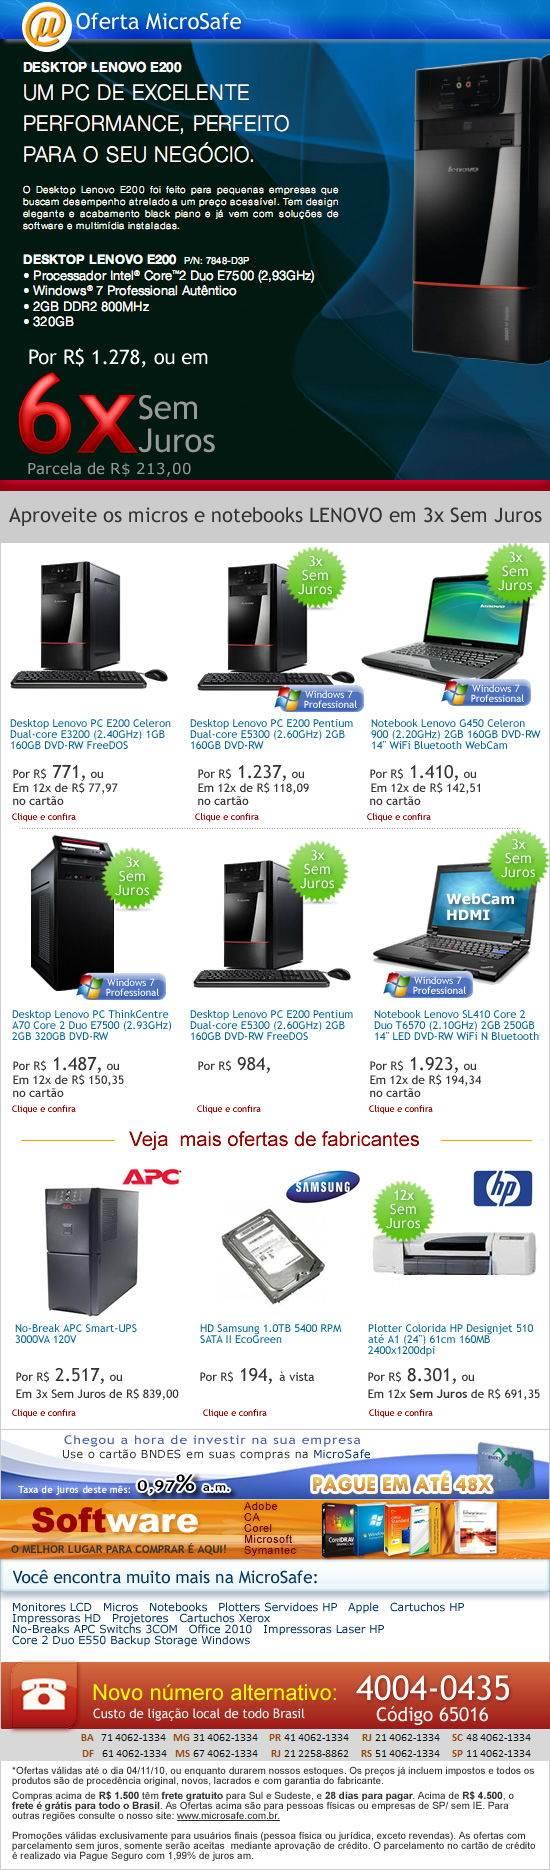 desktop Lenovo core 2 duo apenas R$ 1.278 em 6x sem juros